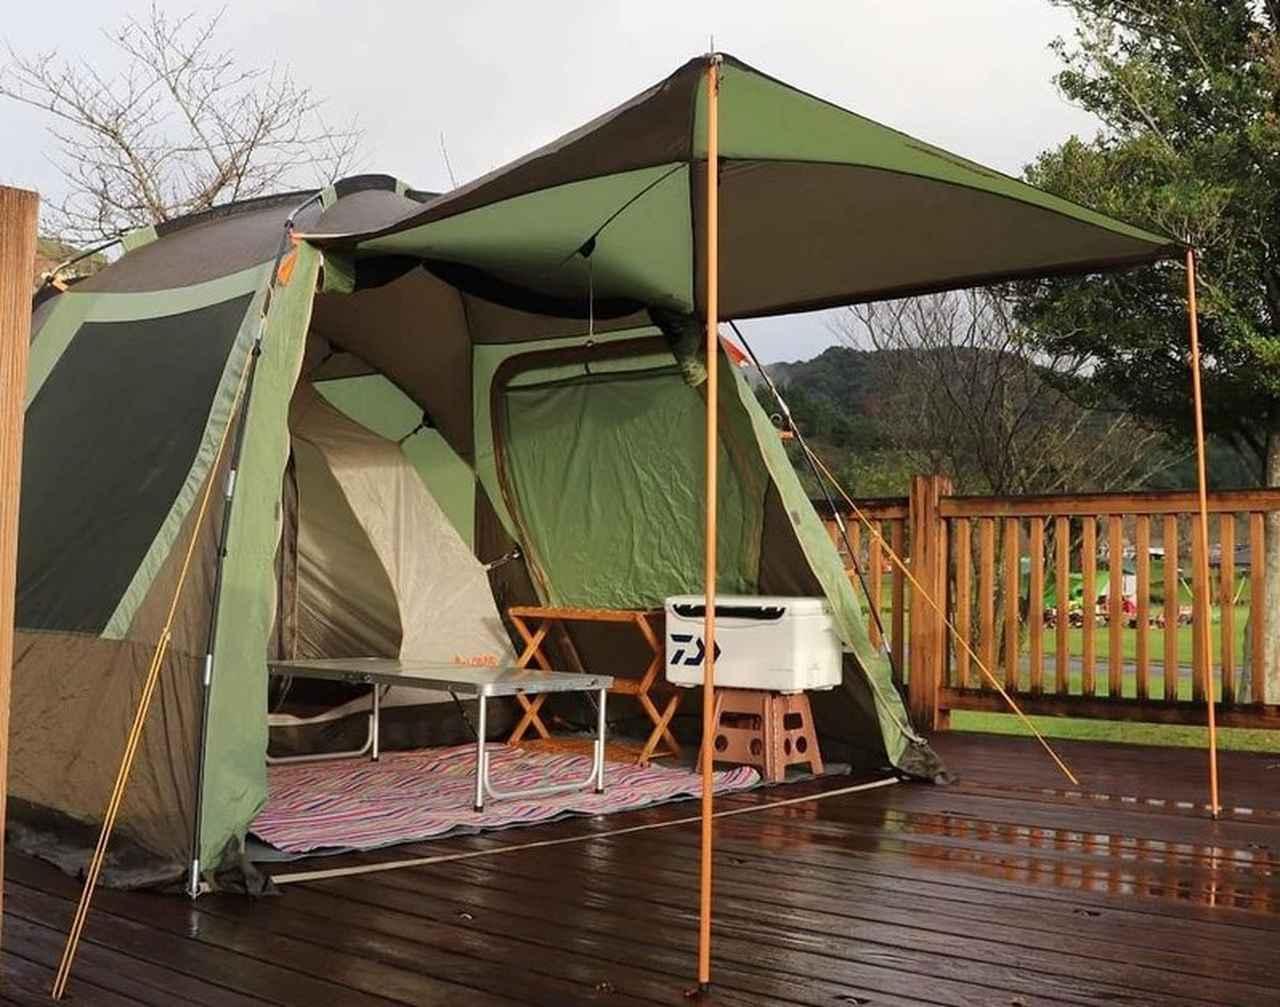 【まとめ】雨キャンプの楽しみ方&レインウェアや雨対策グッズを一挙ご紹介!